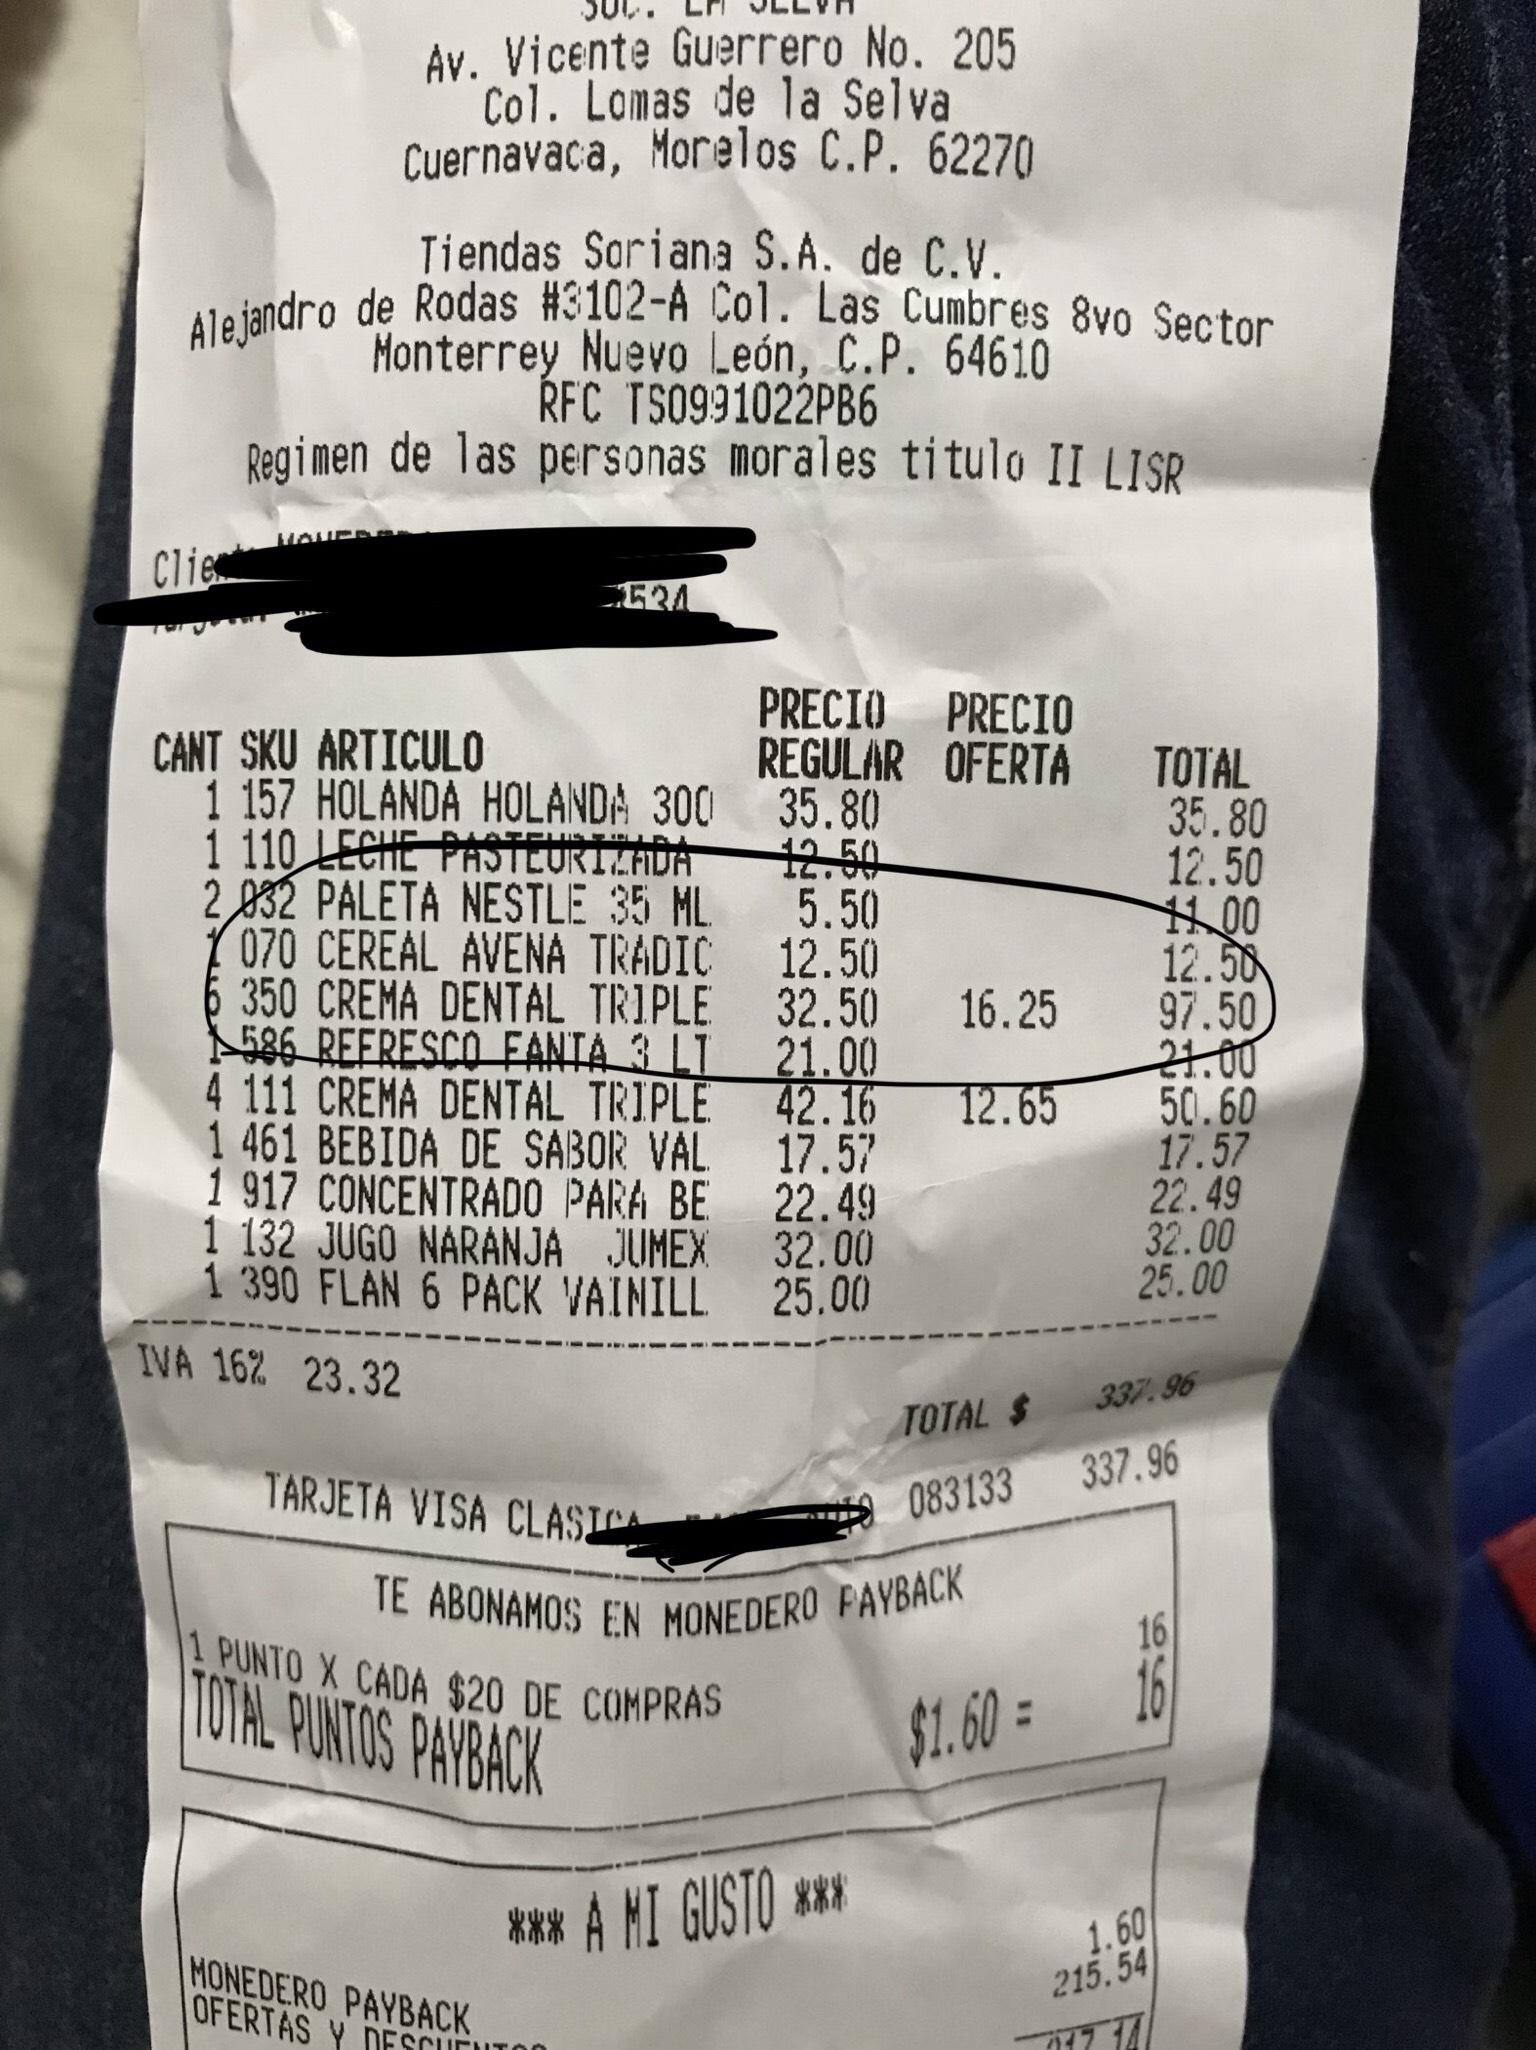 Soriana: Creme dental Triple acción 150 $16.25 y 125 en $12.65